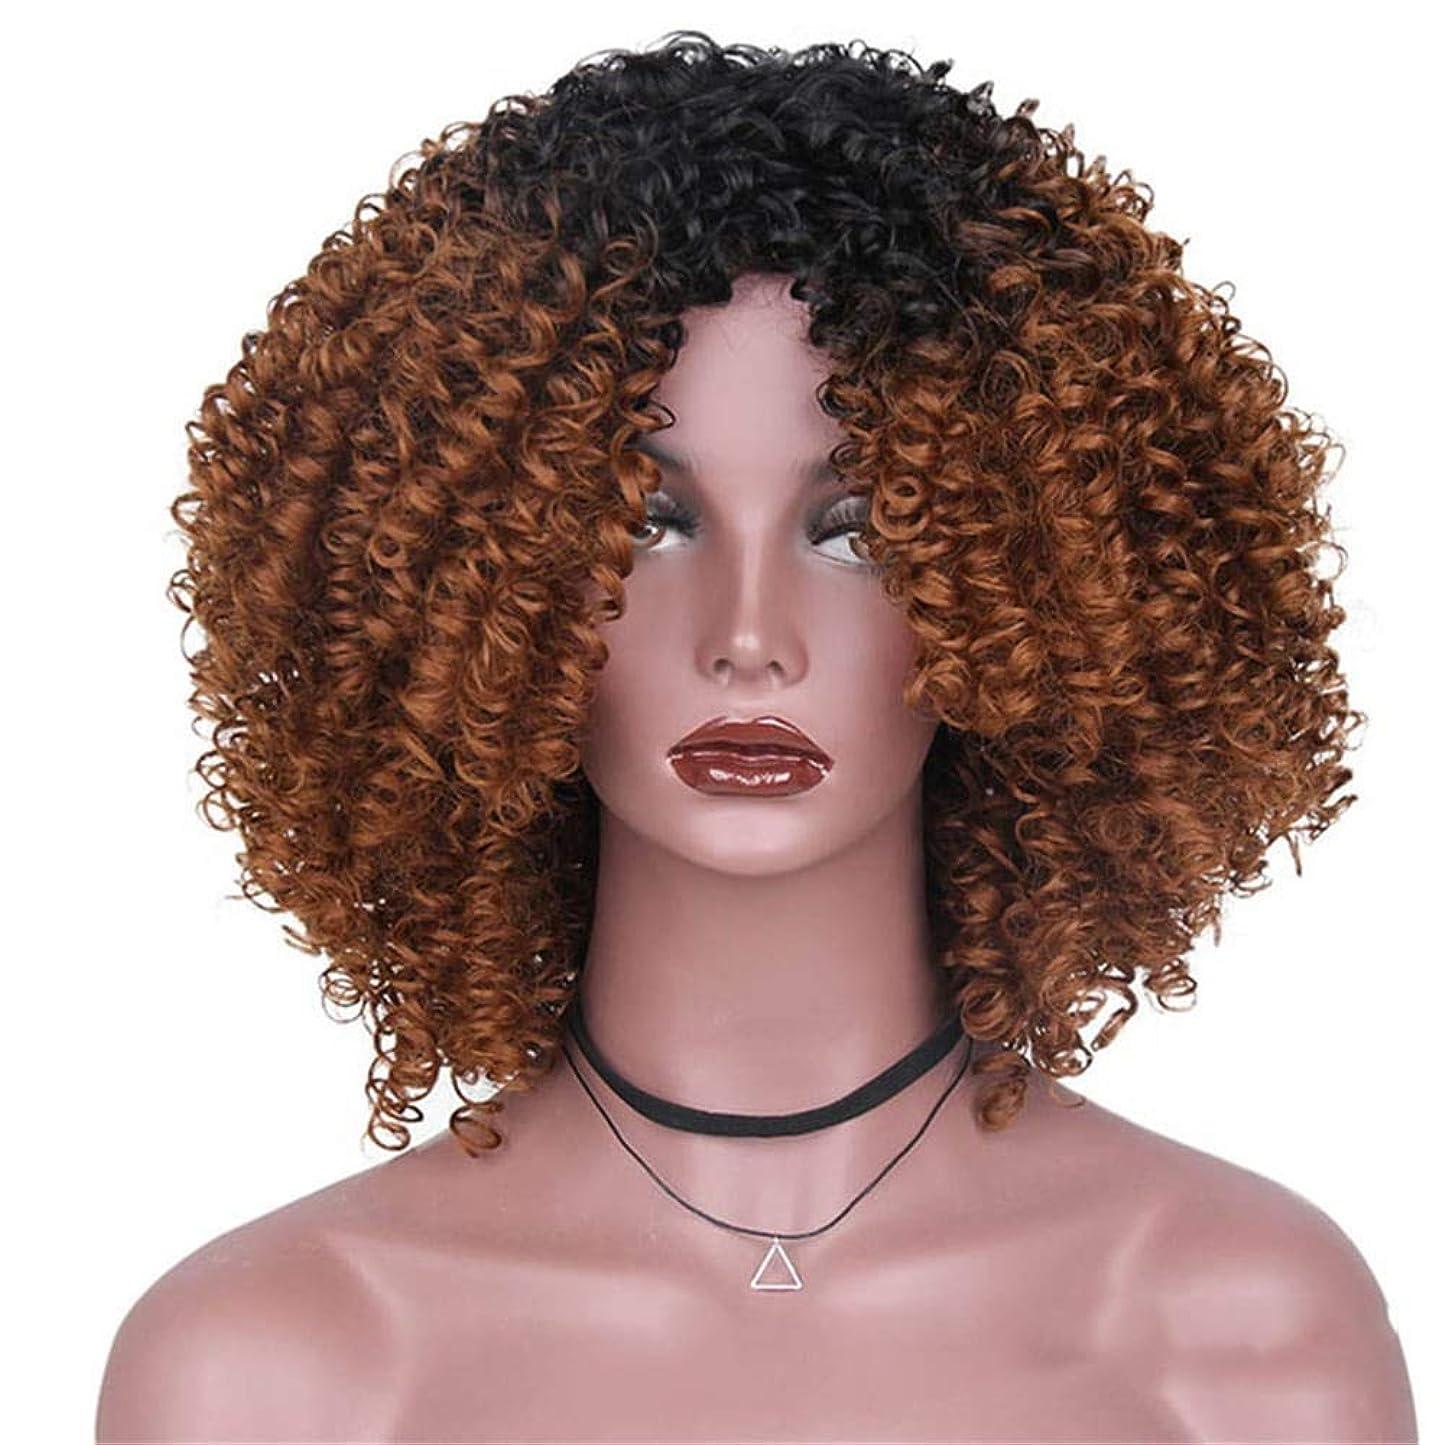 ナンセンスツール計算BOBIDYEE 14インチのアフリカの黒人女性のグラデーションカラー爆発ヘッドふわふわの小さな波の髪のかつらパーティーかつら (色 : C-1)